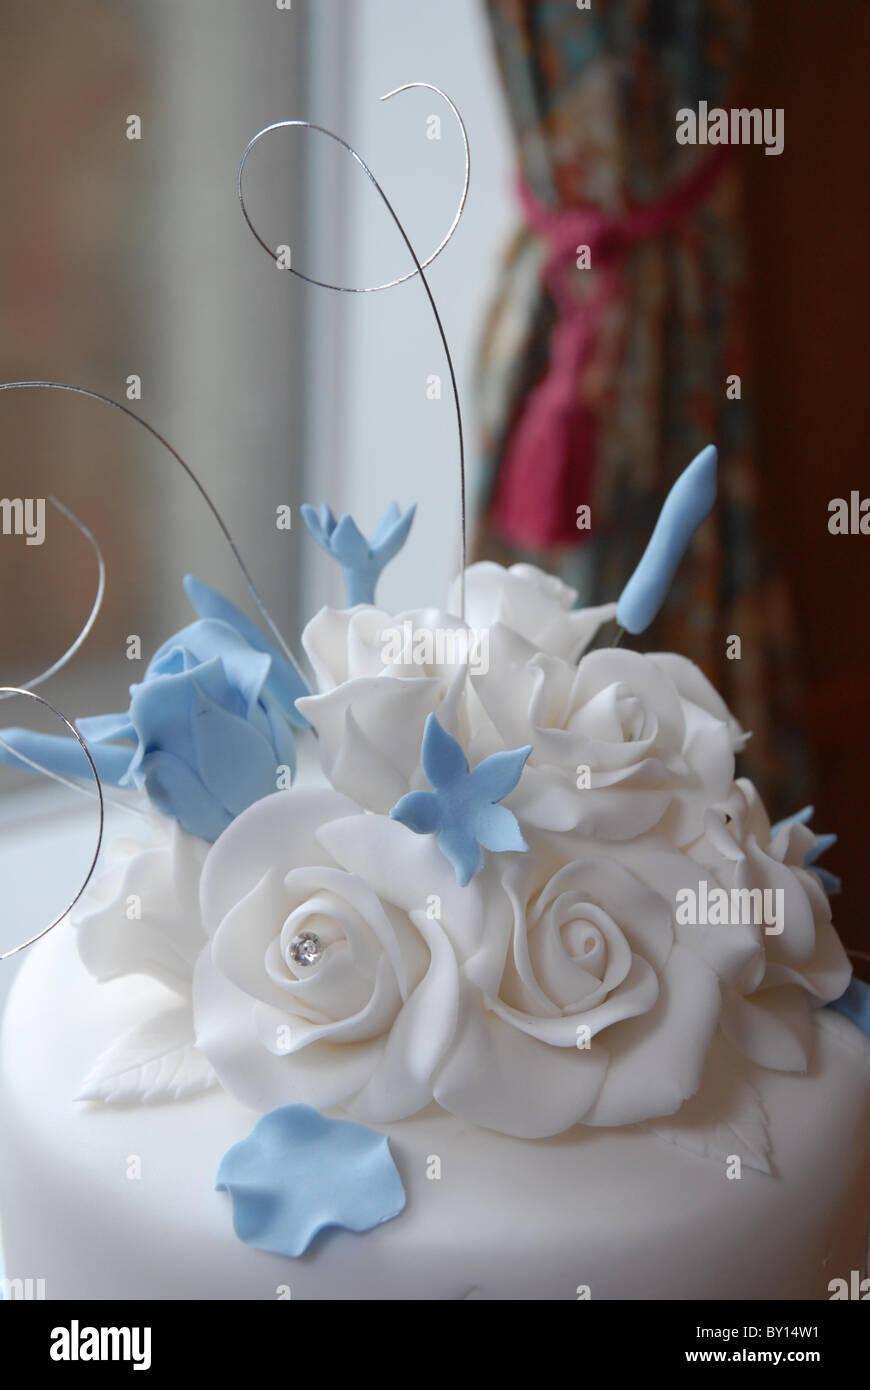 Allgemeinen Eine Hochzeitstorte Topper Baby Blau Weisse Rosen Aus